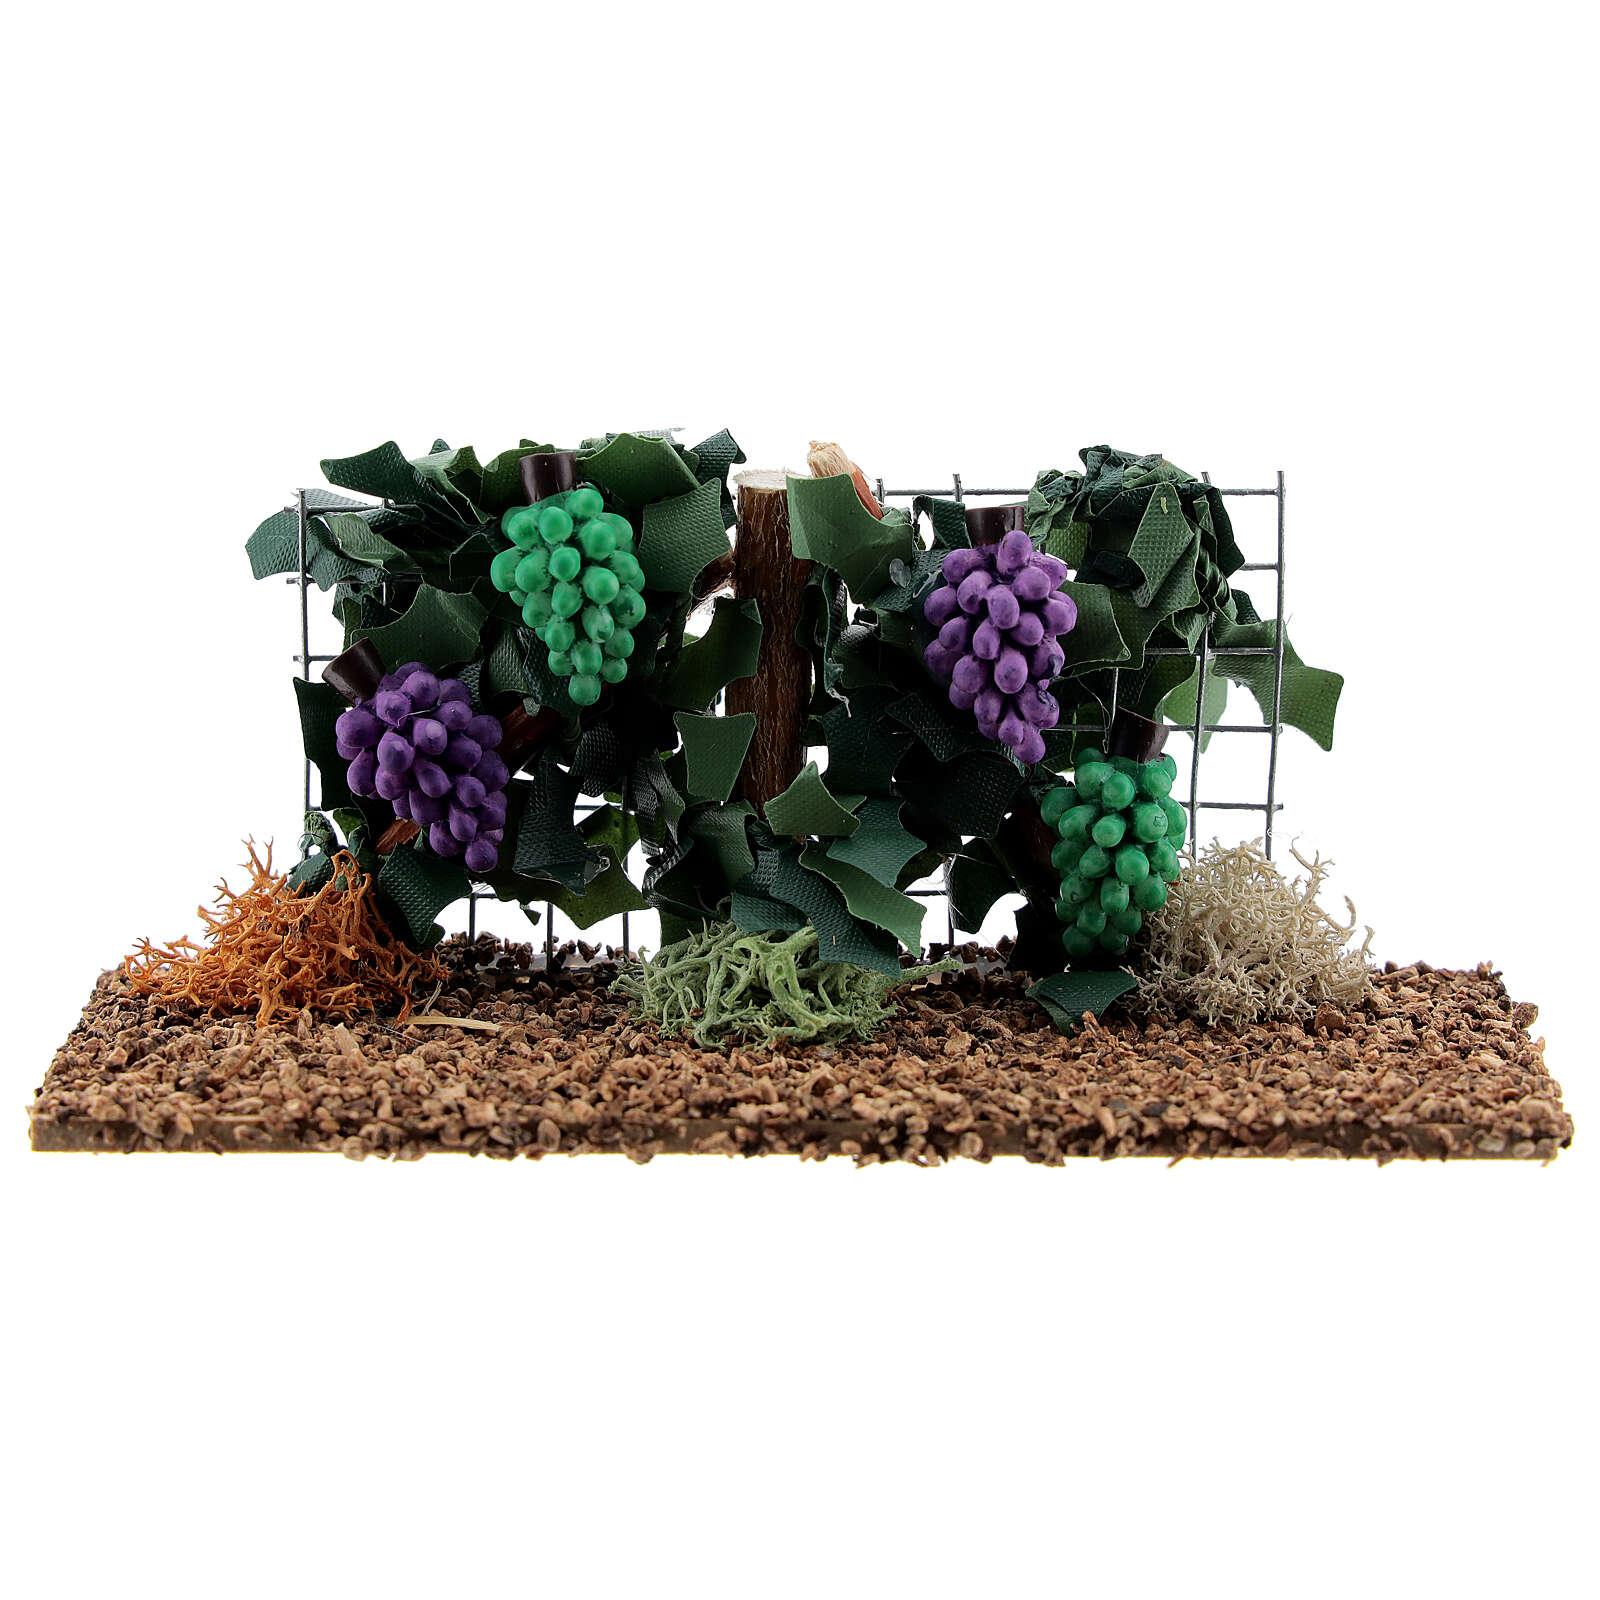 Vinha com uvas miniatura resina para presépio com figuras altura média 6-8 cm 4